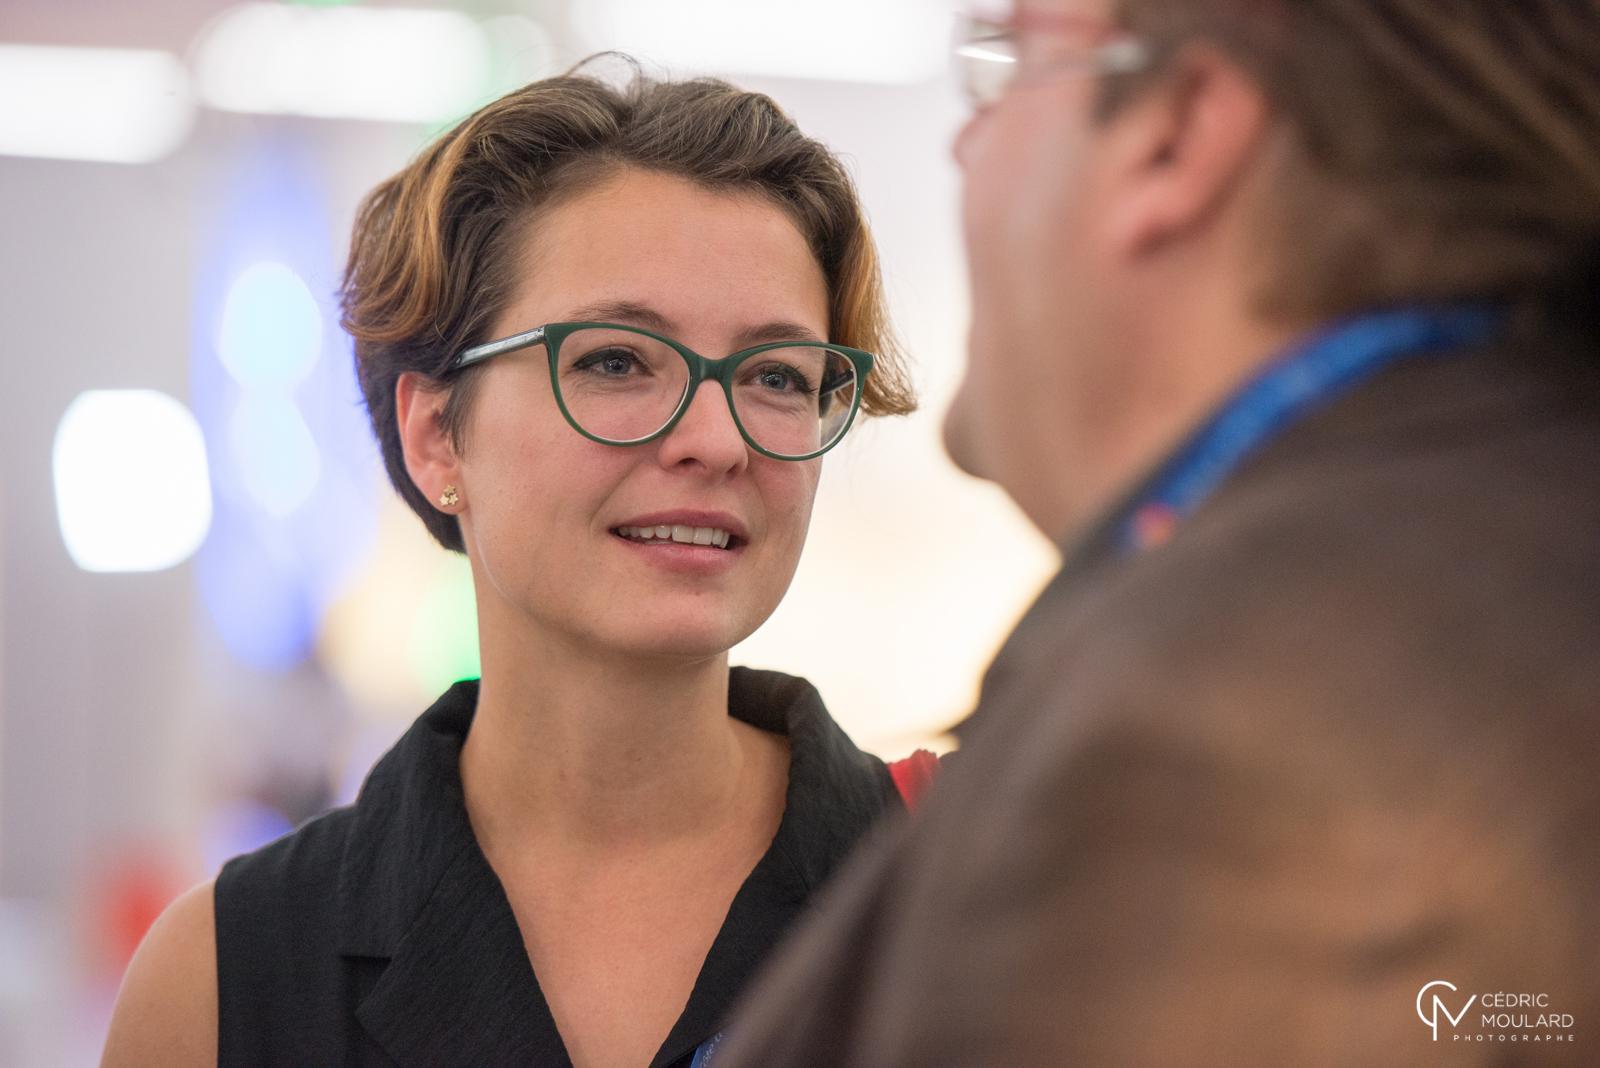 Olga Alexeeva at the Idea Camp. ©Cedric Moulard